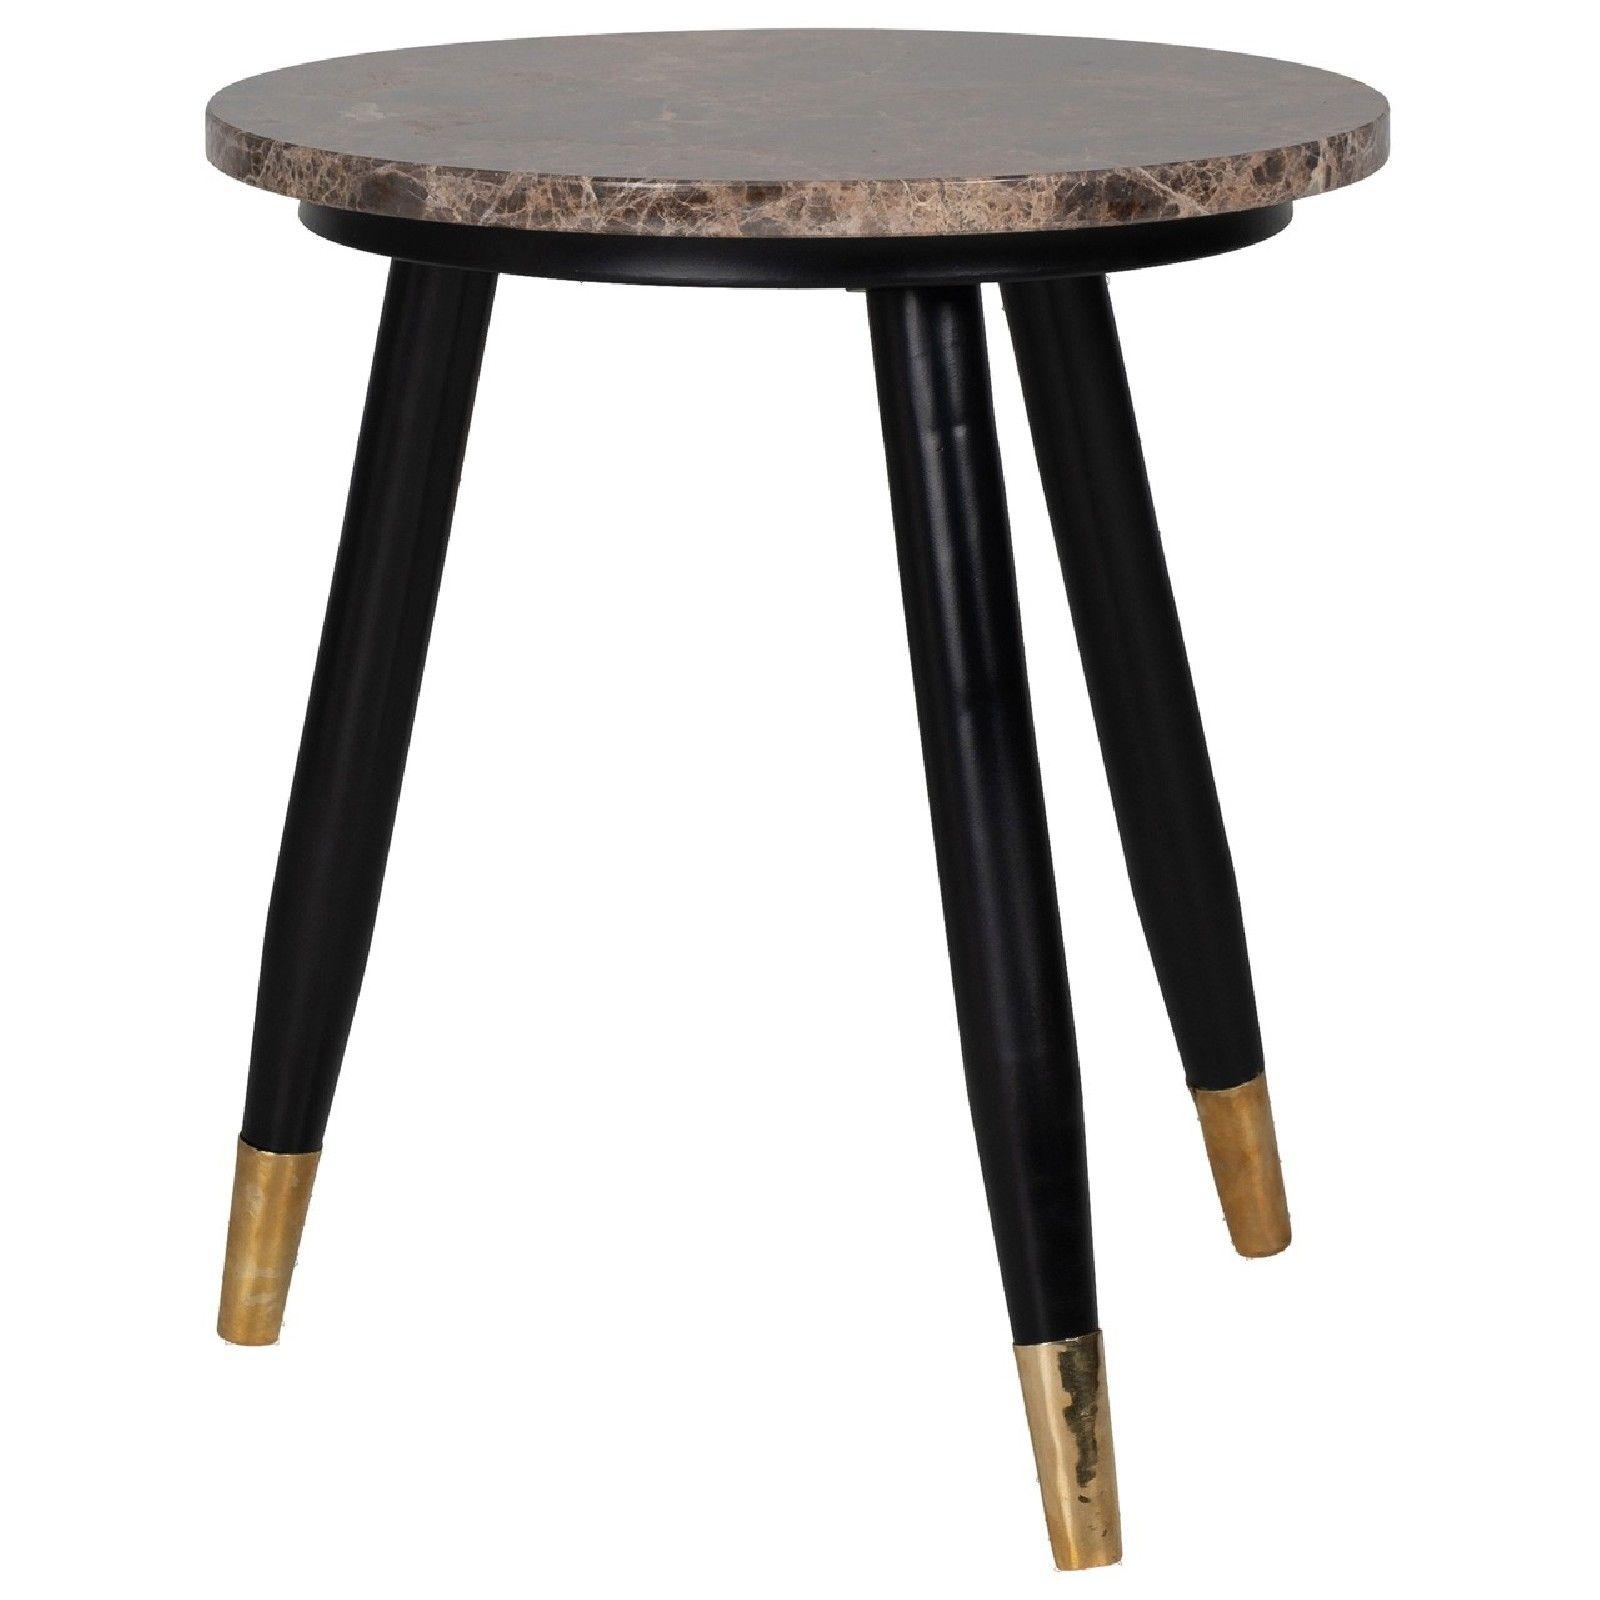 Table d'angle Dalton brown emperador rond 40Ø Meuble Déco Tendance - 736